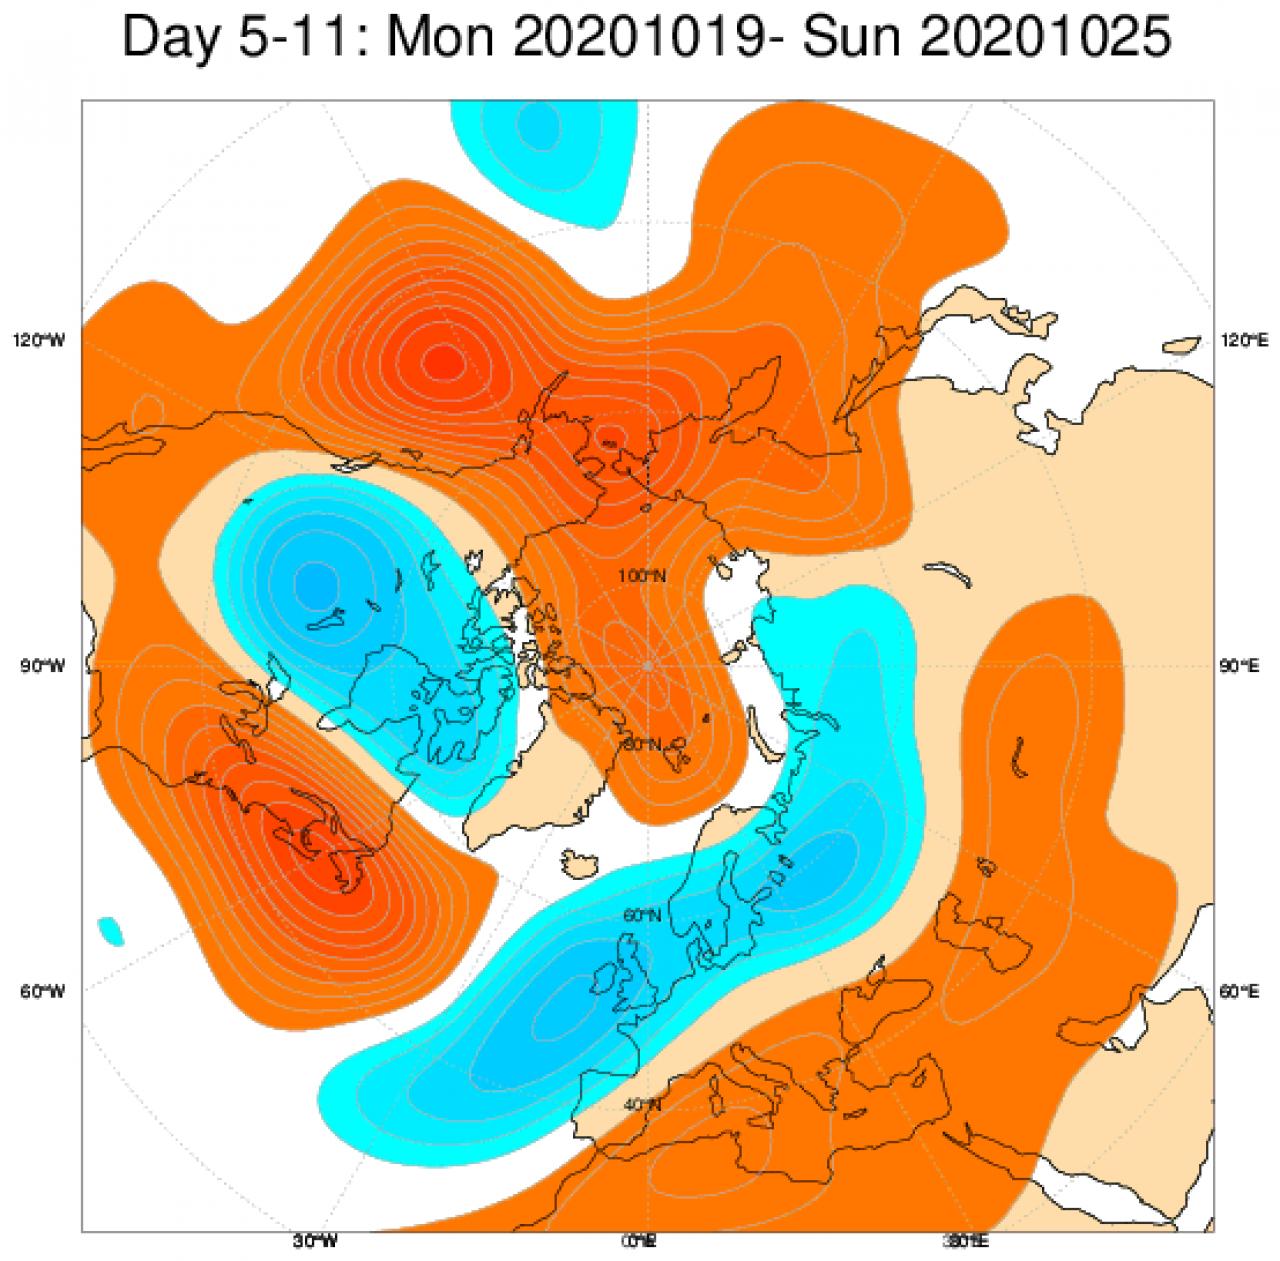 Le anomalie di geopotenziale a 500hPa secondo il modello ECMWF, mediate nel periodo 19-26 ottobre